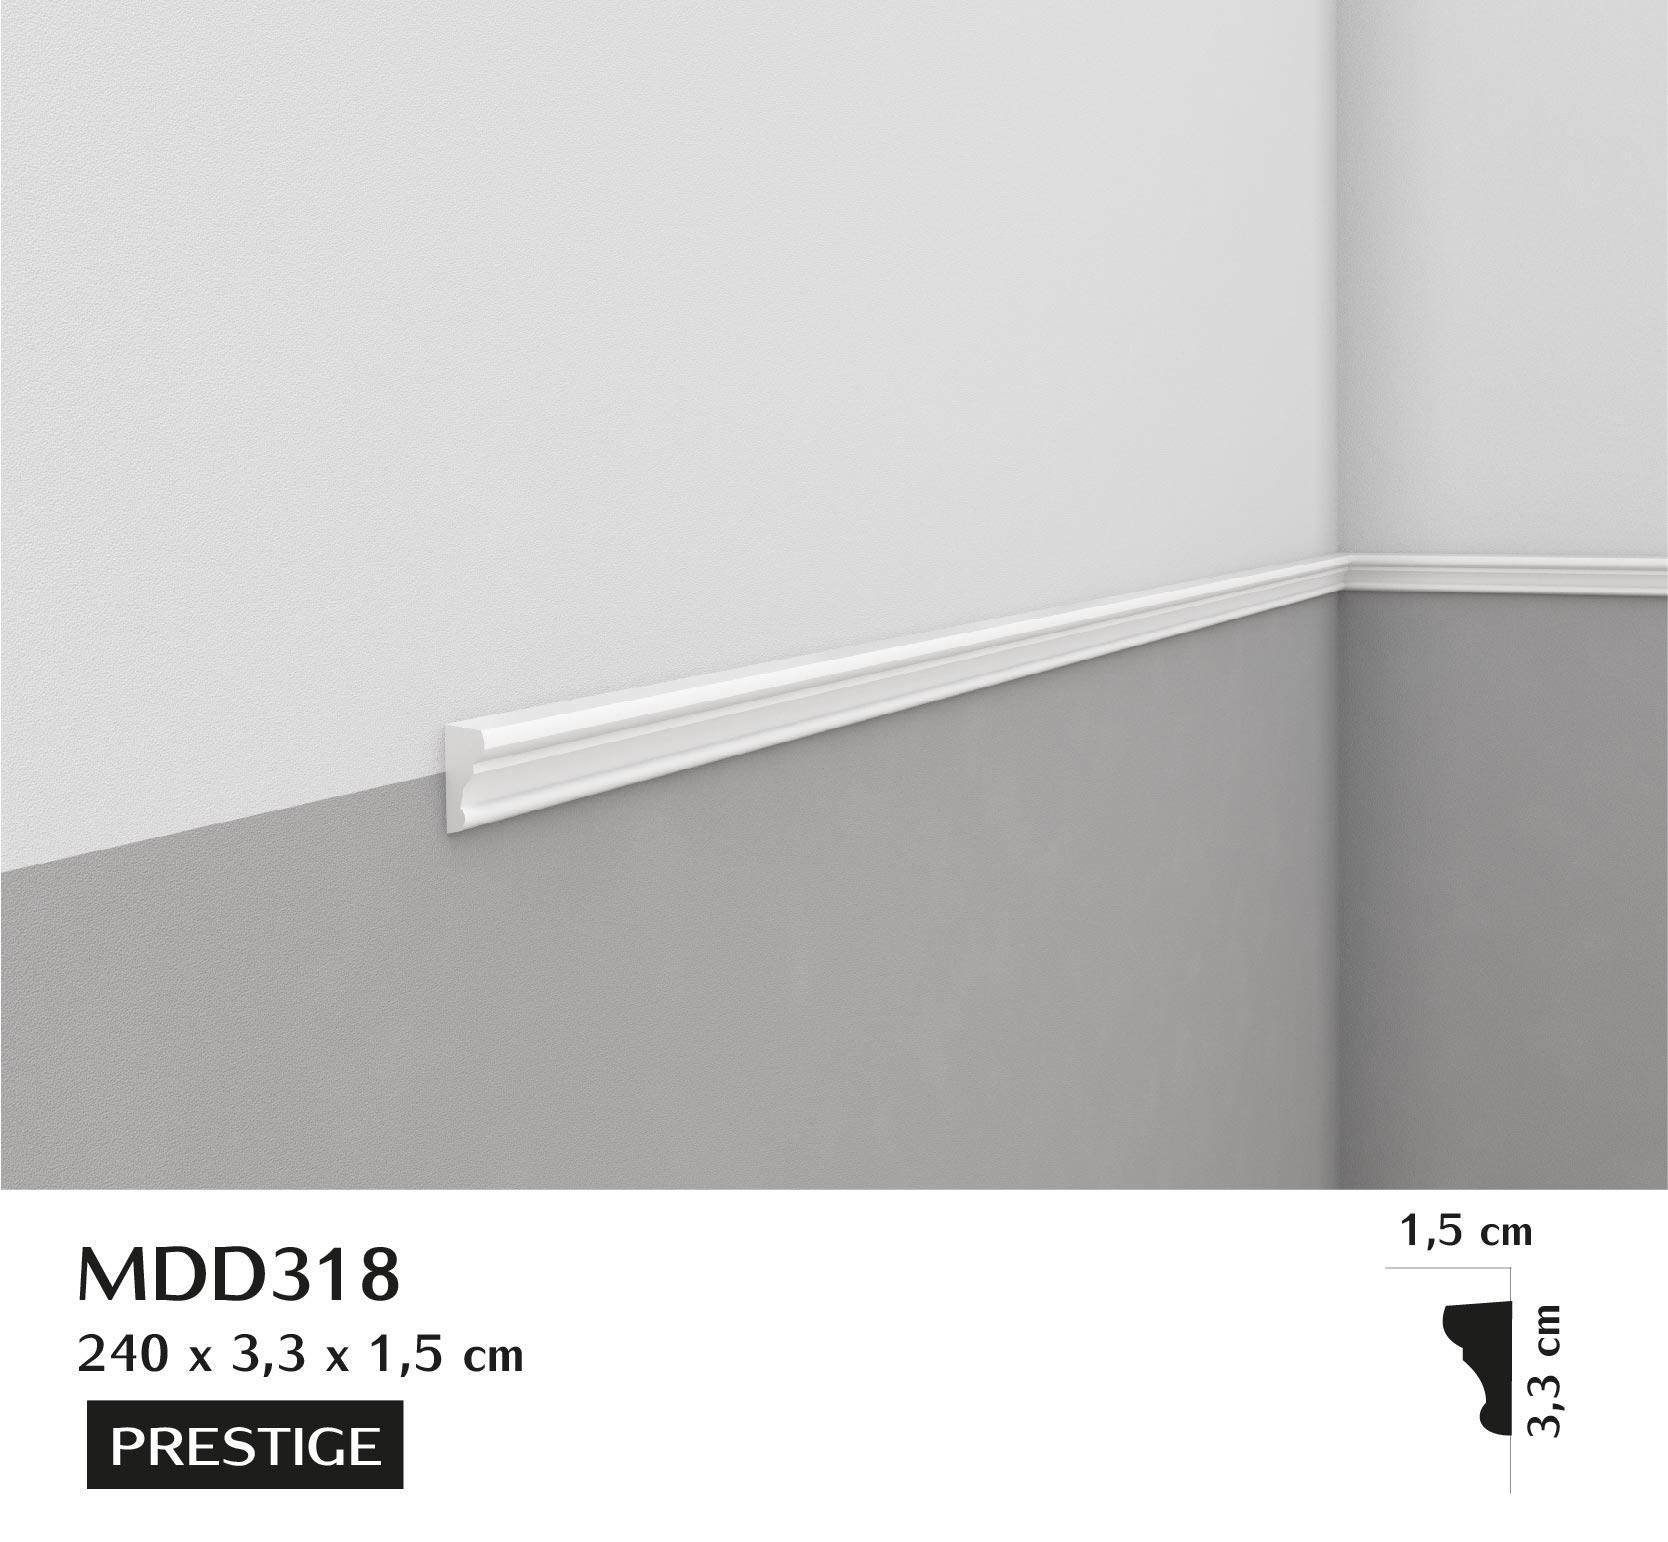 Mdd318